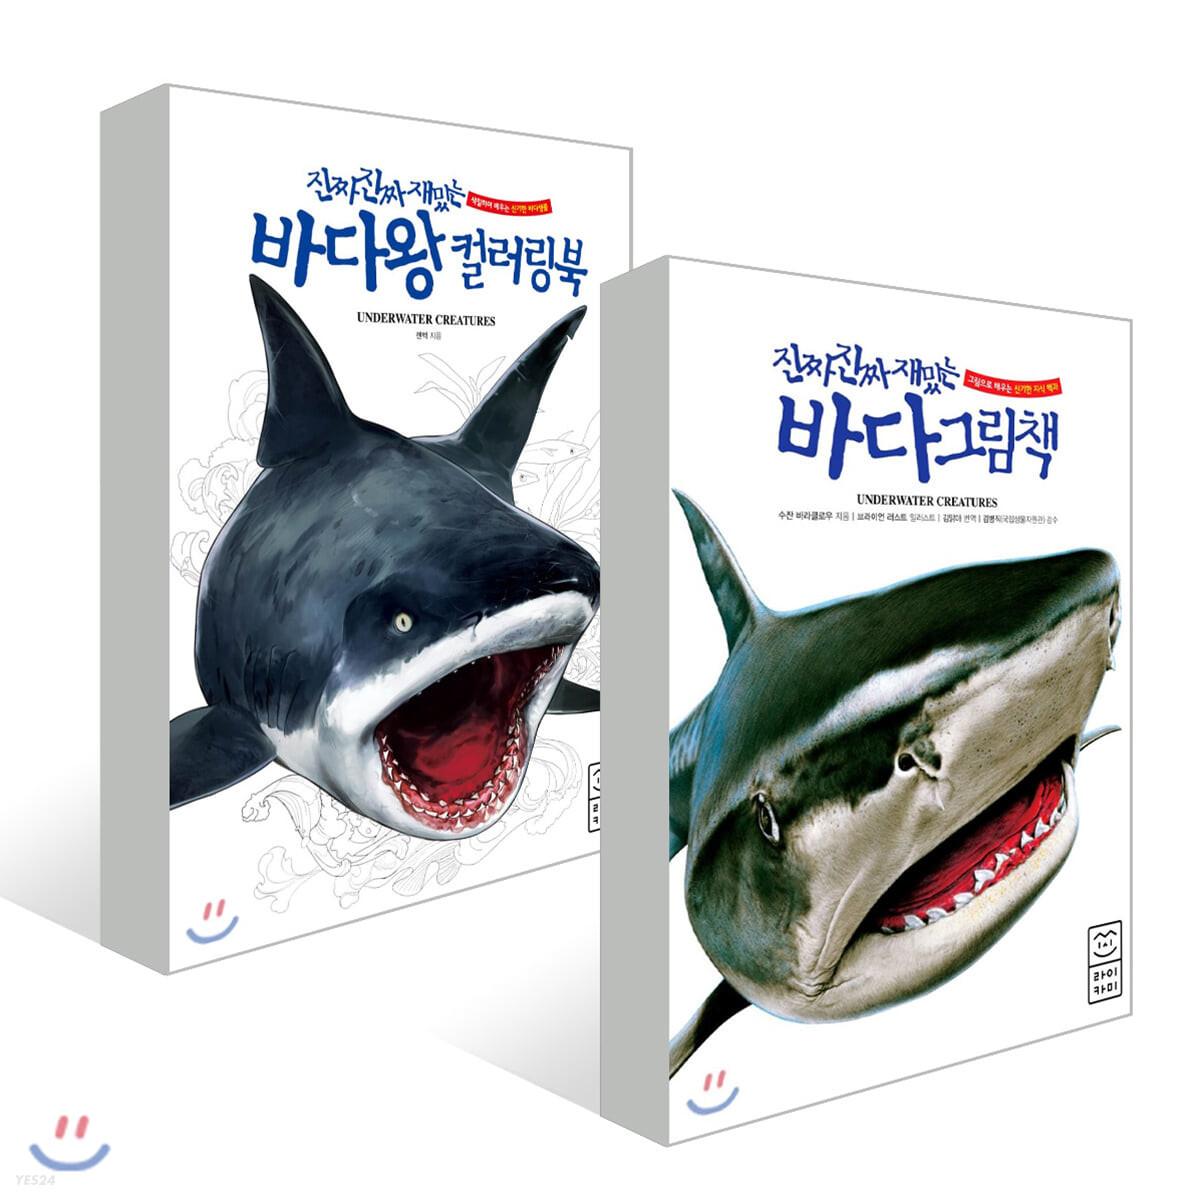 진짜 진짜 재밌는 바다 그림책 + 바다왕 컬러링북